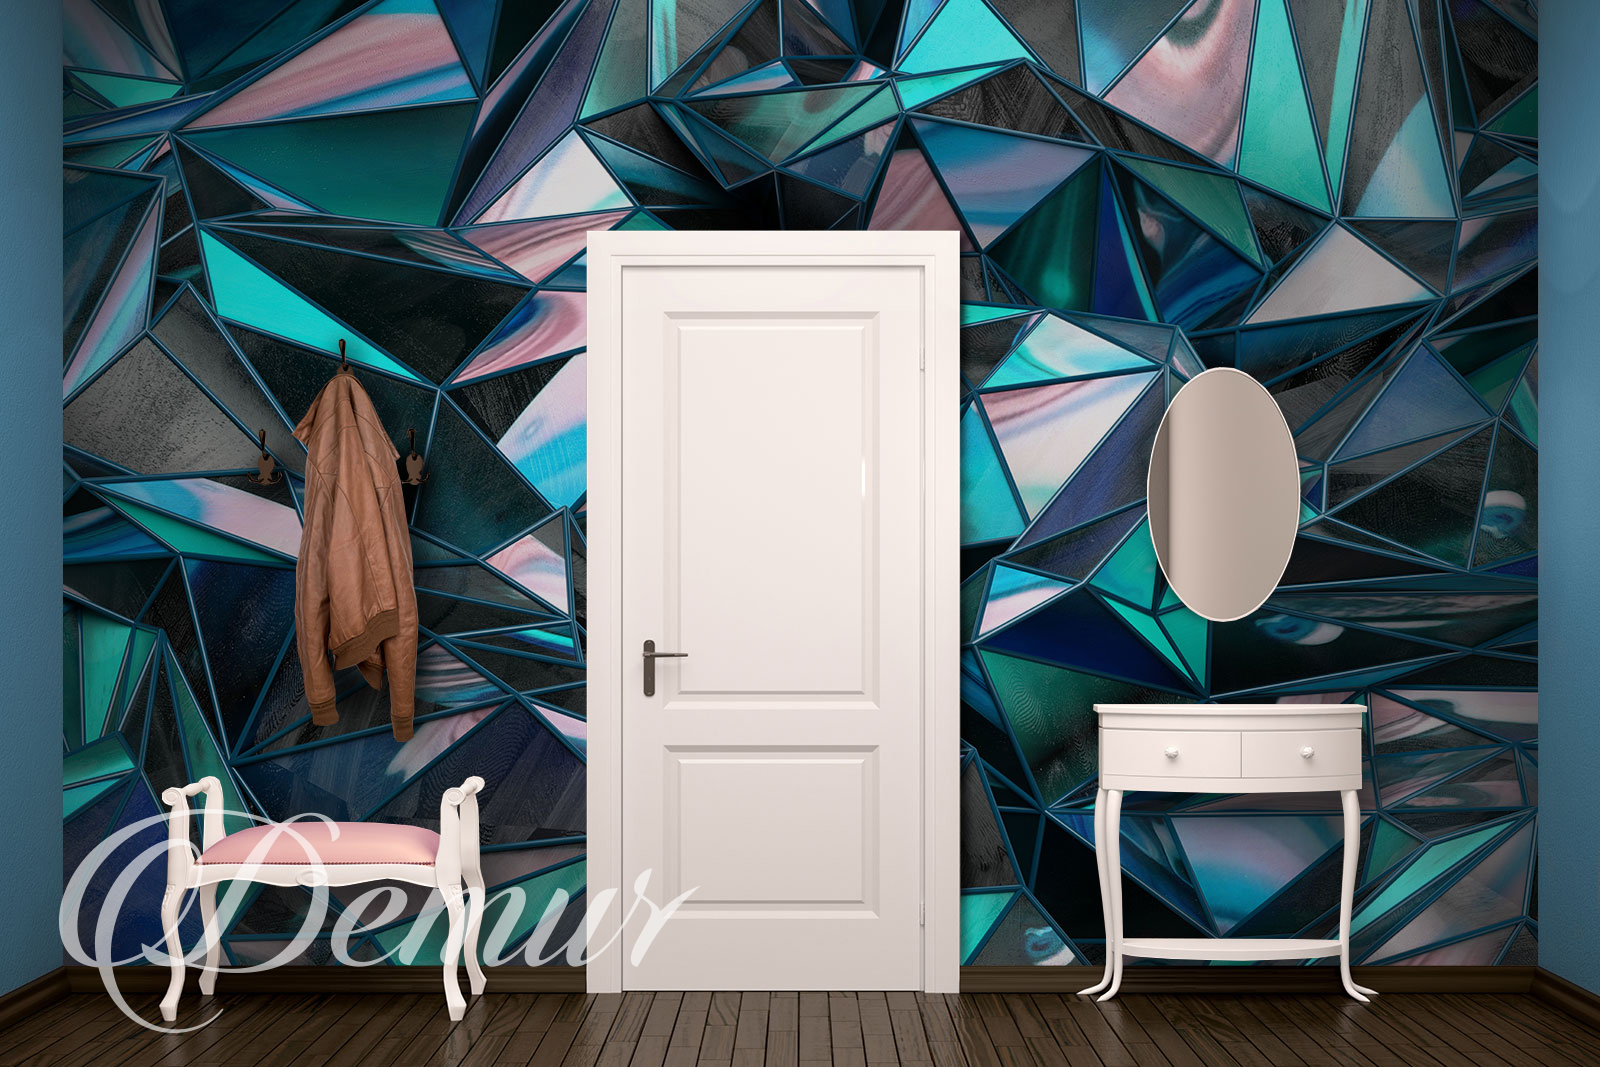 Fototapeta - Kolorowy Kryształ 3D - Pomysł na przedpokój - Demur